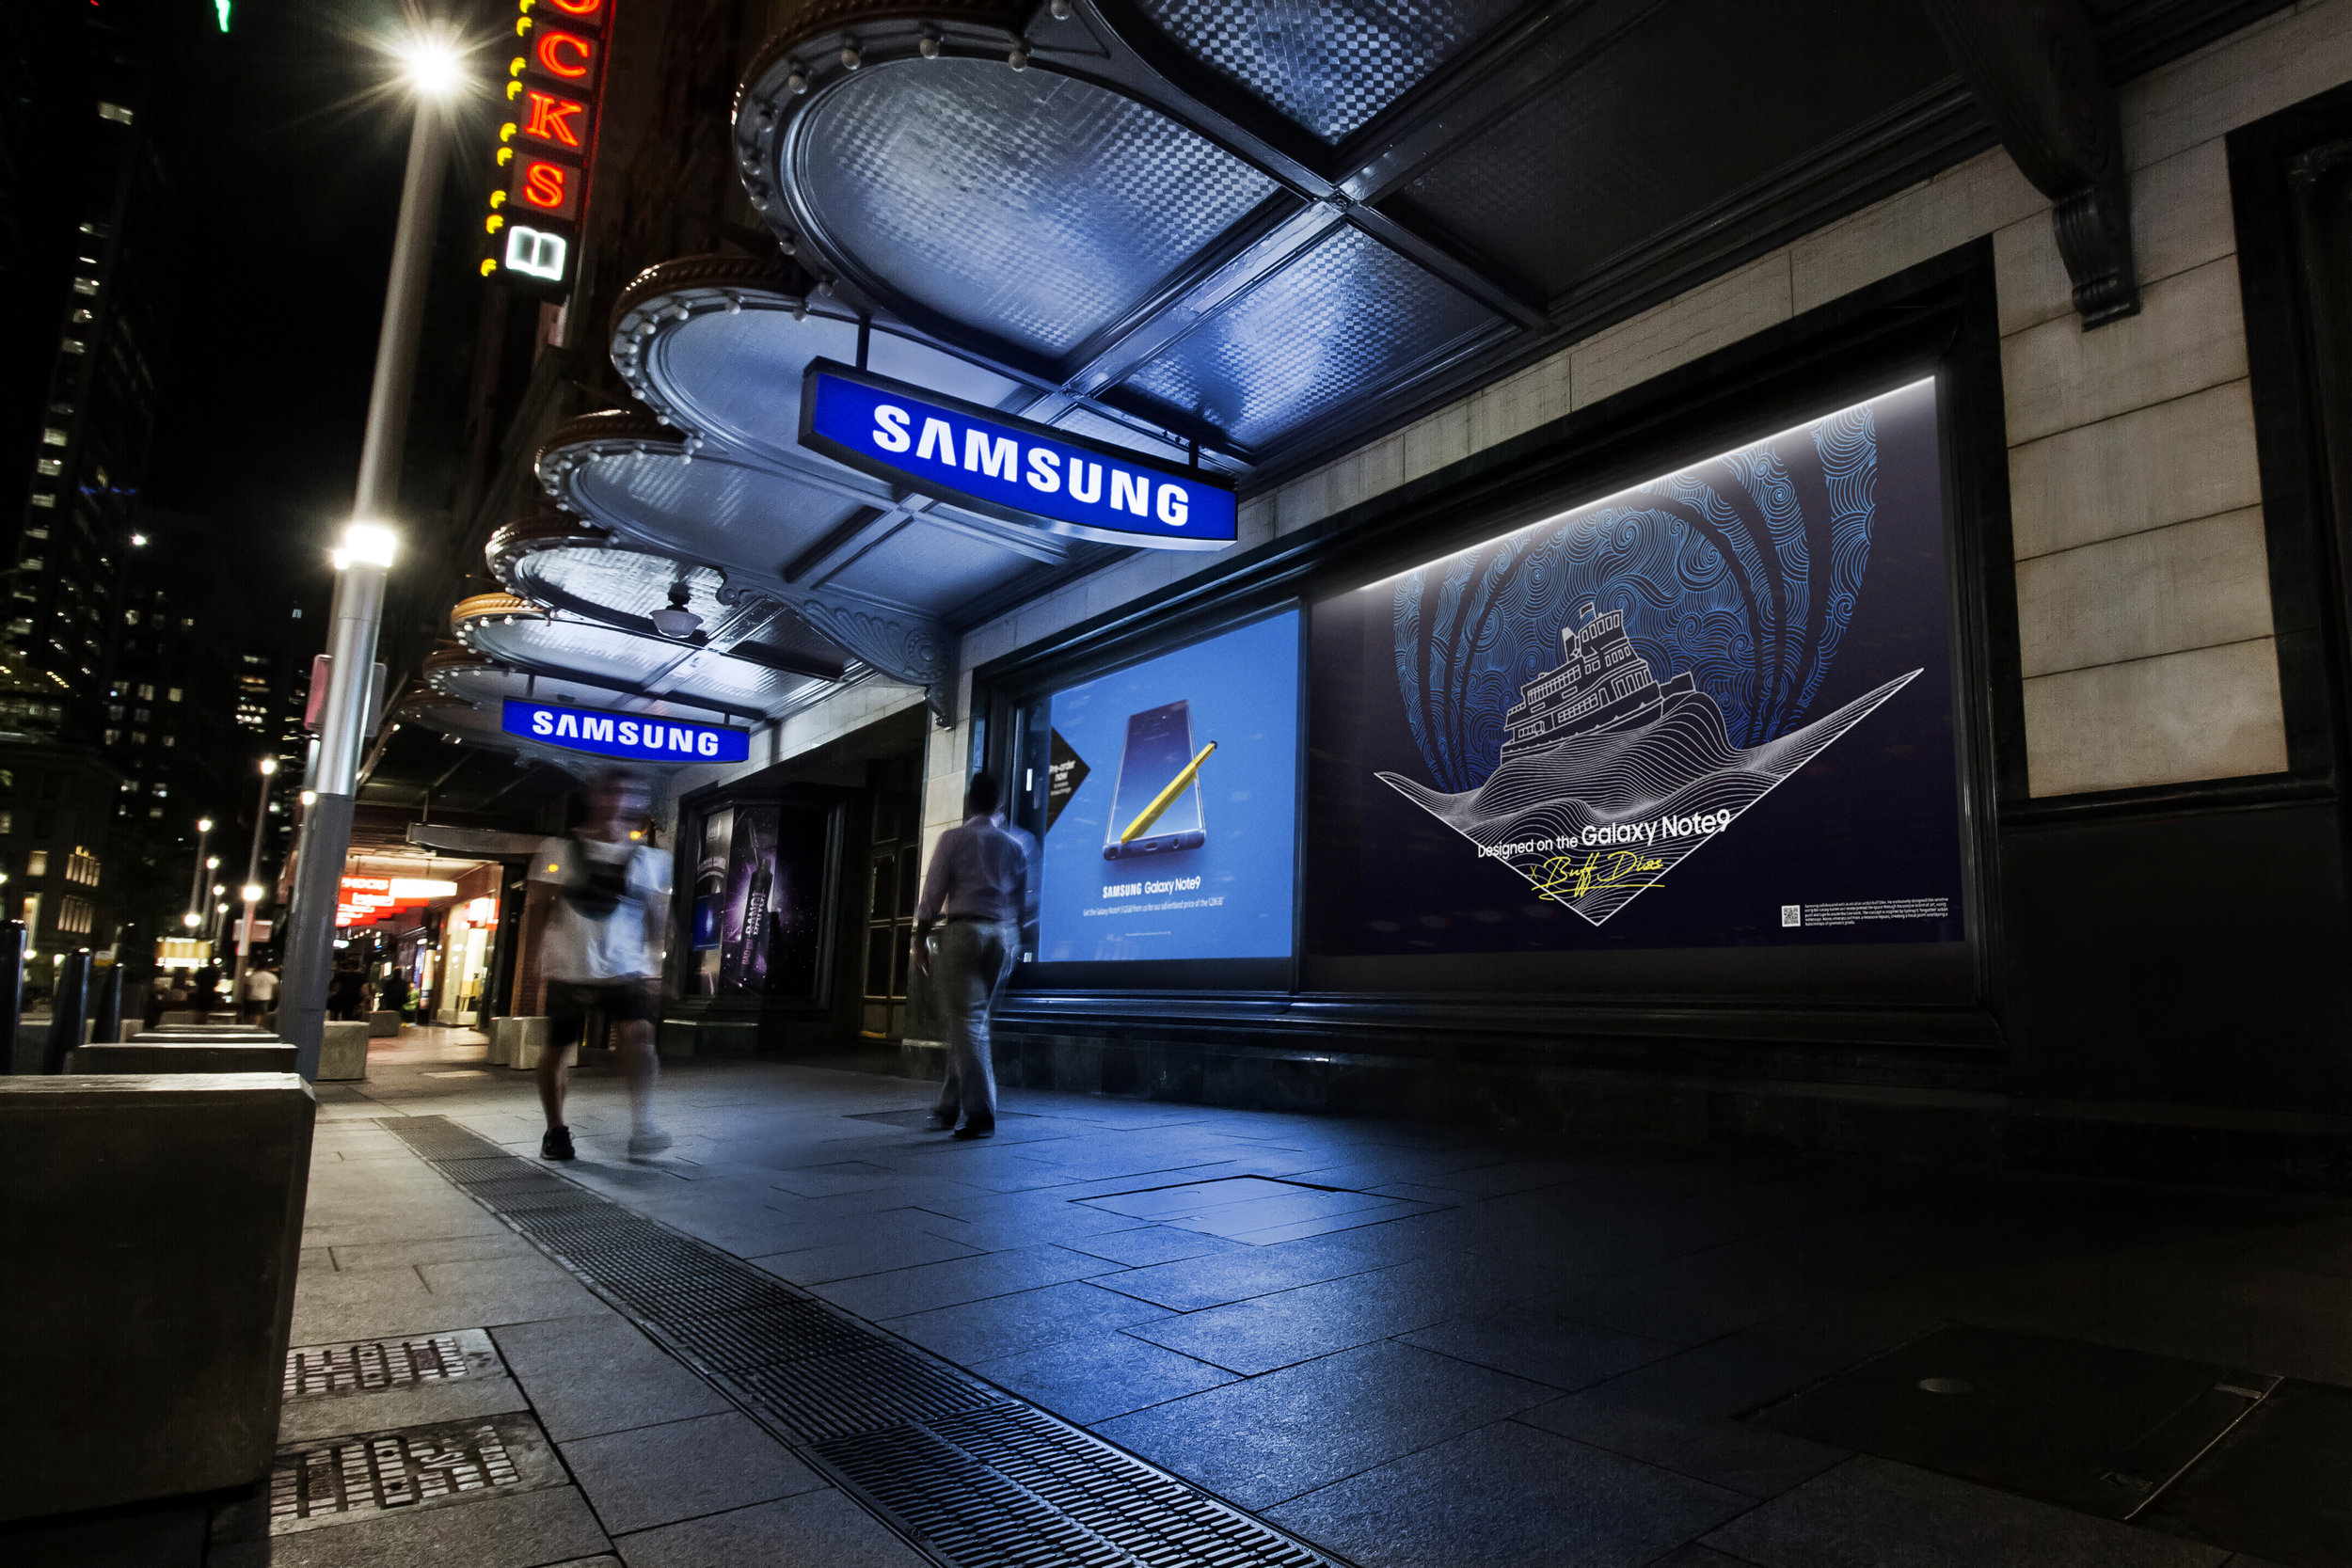 Samsung - George St, Sydney (windows A - B)